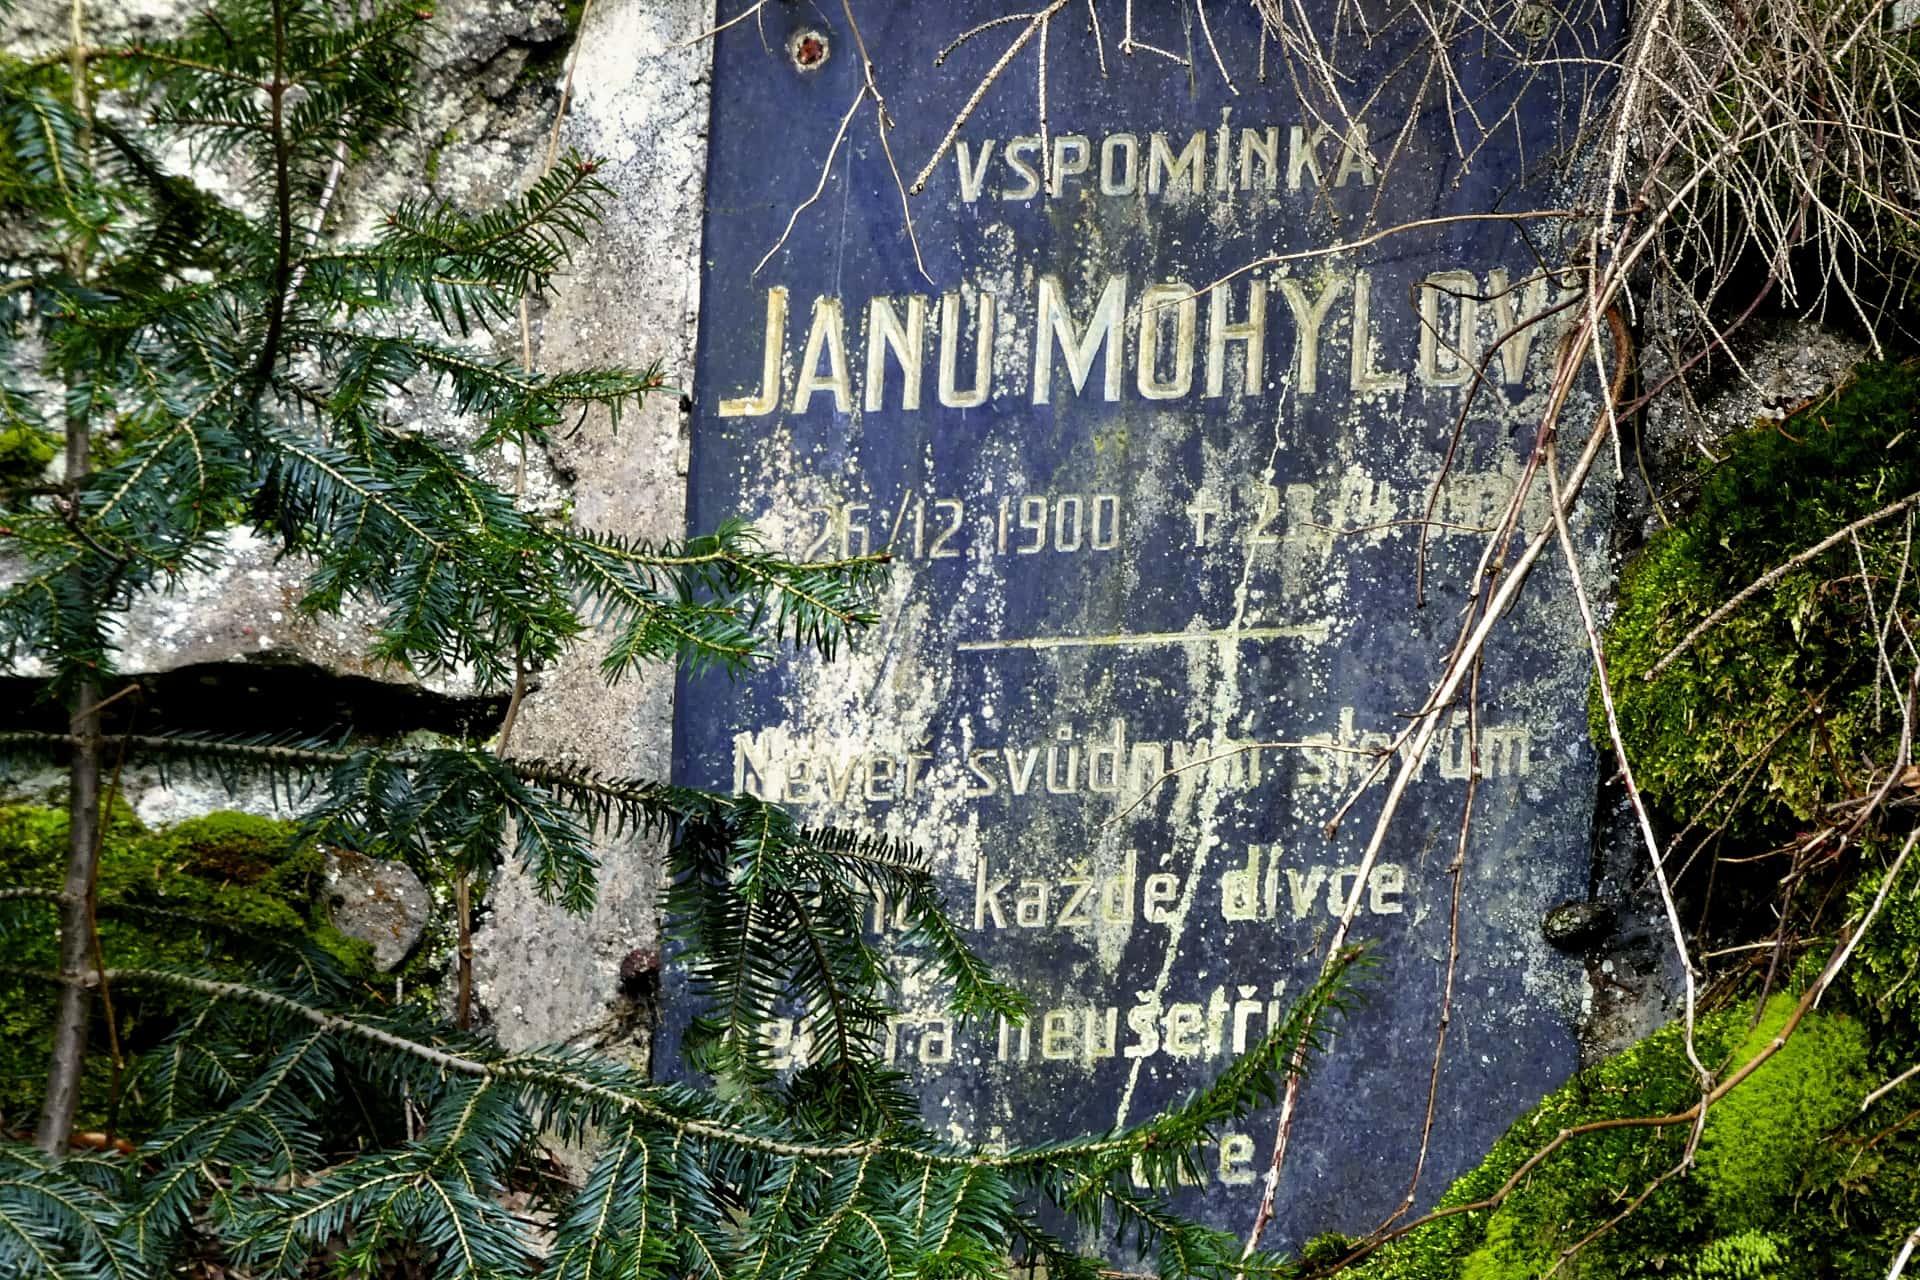 Pomník Janu Mohylovi